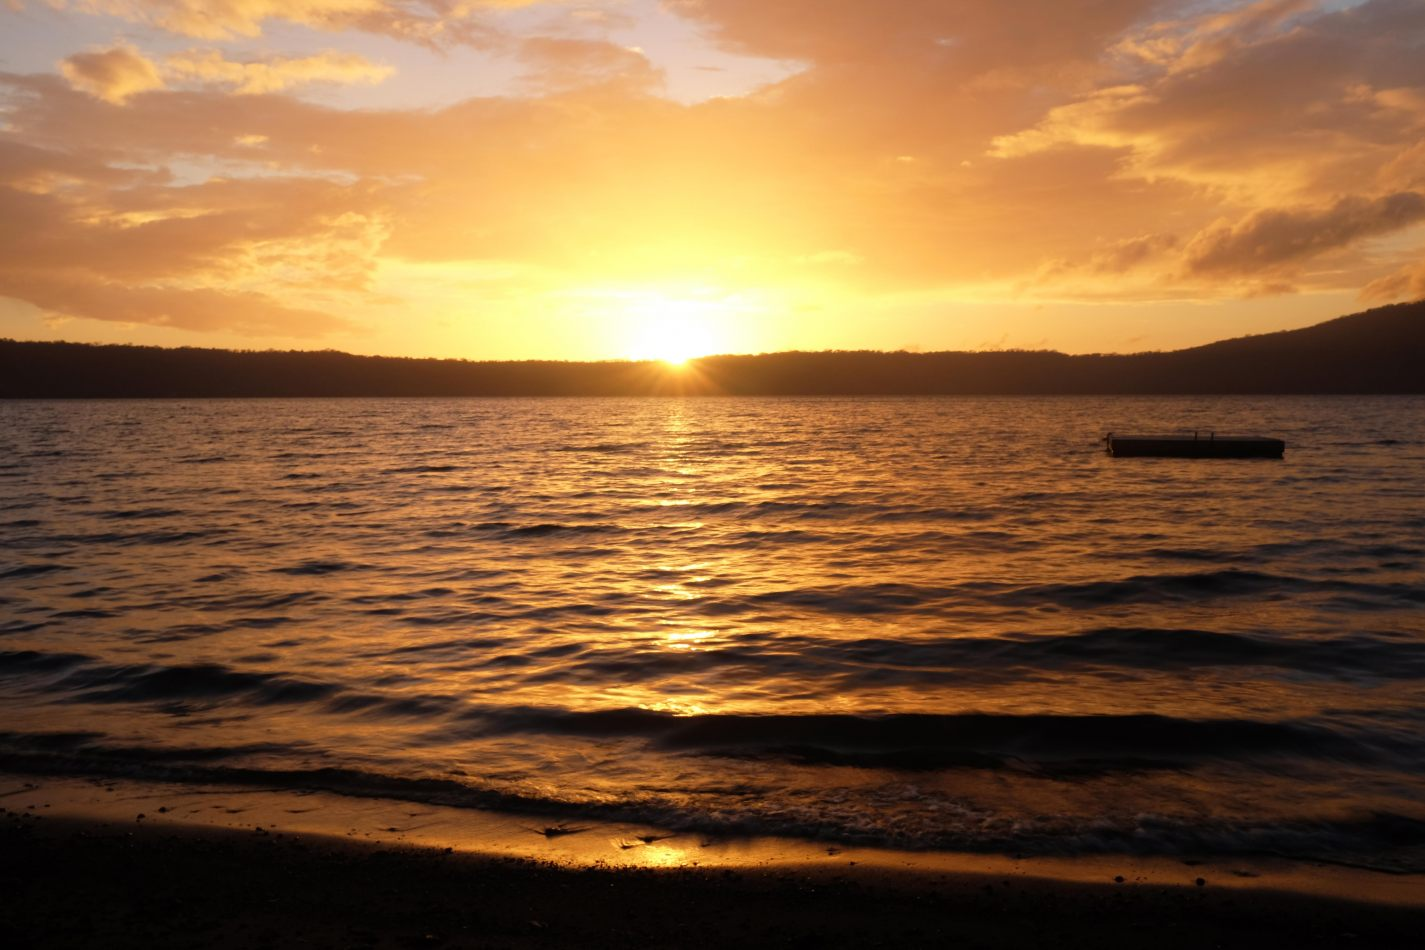 Hibiscus & Nomada : - - Sunrise at Laguna de Apoyo